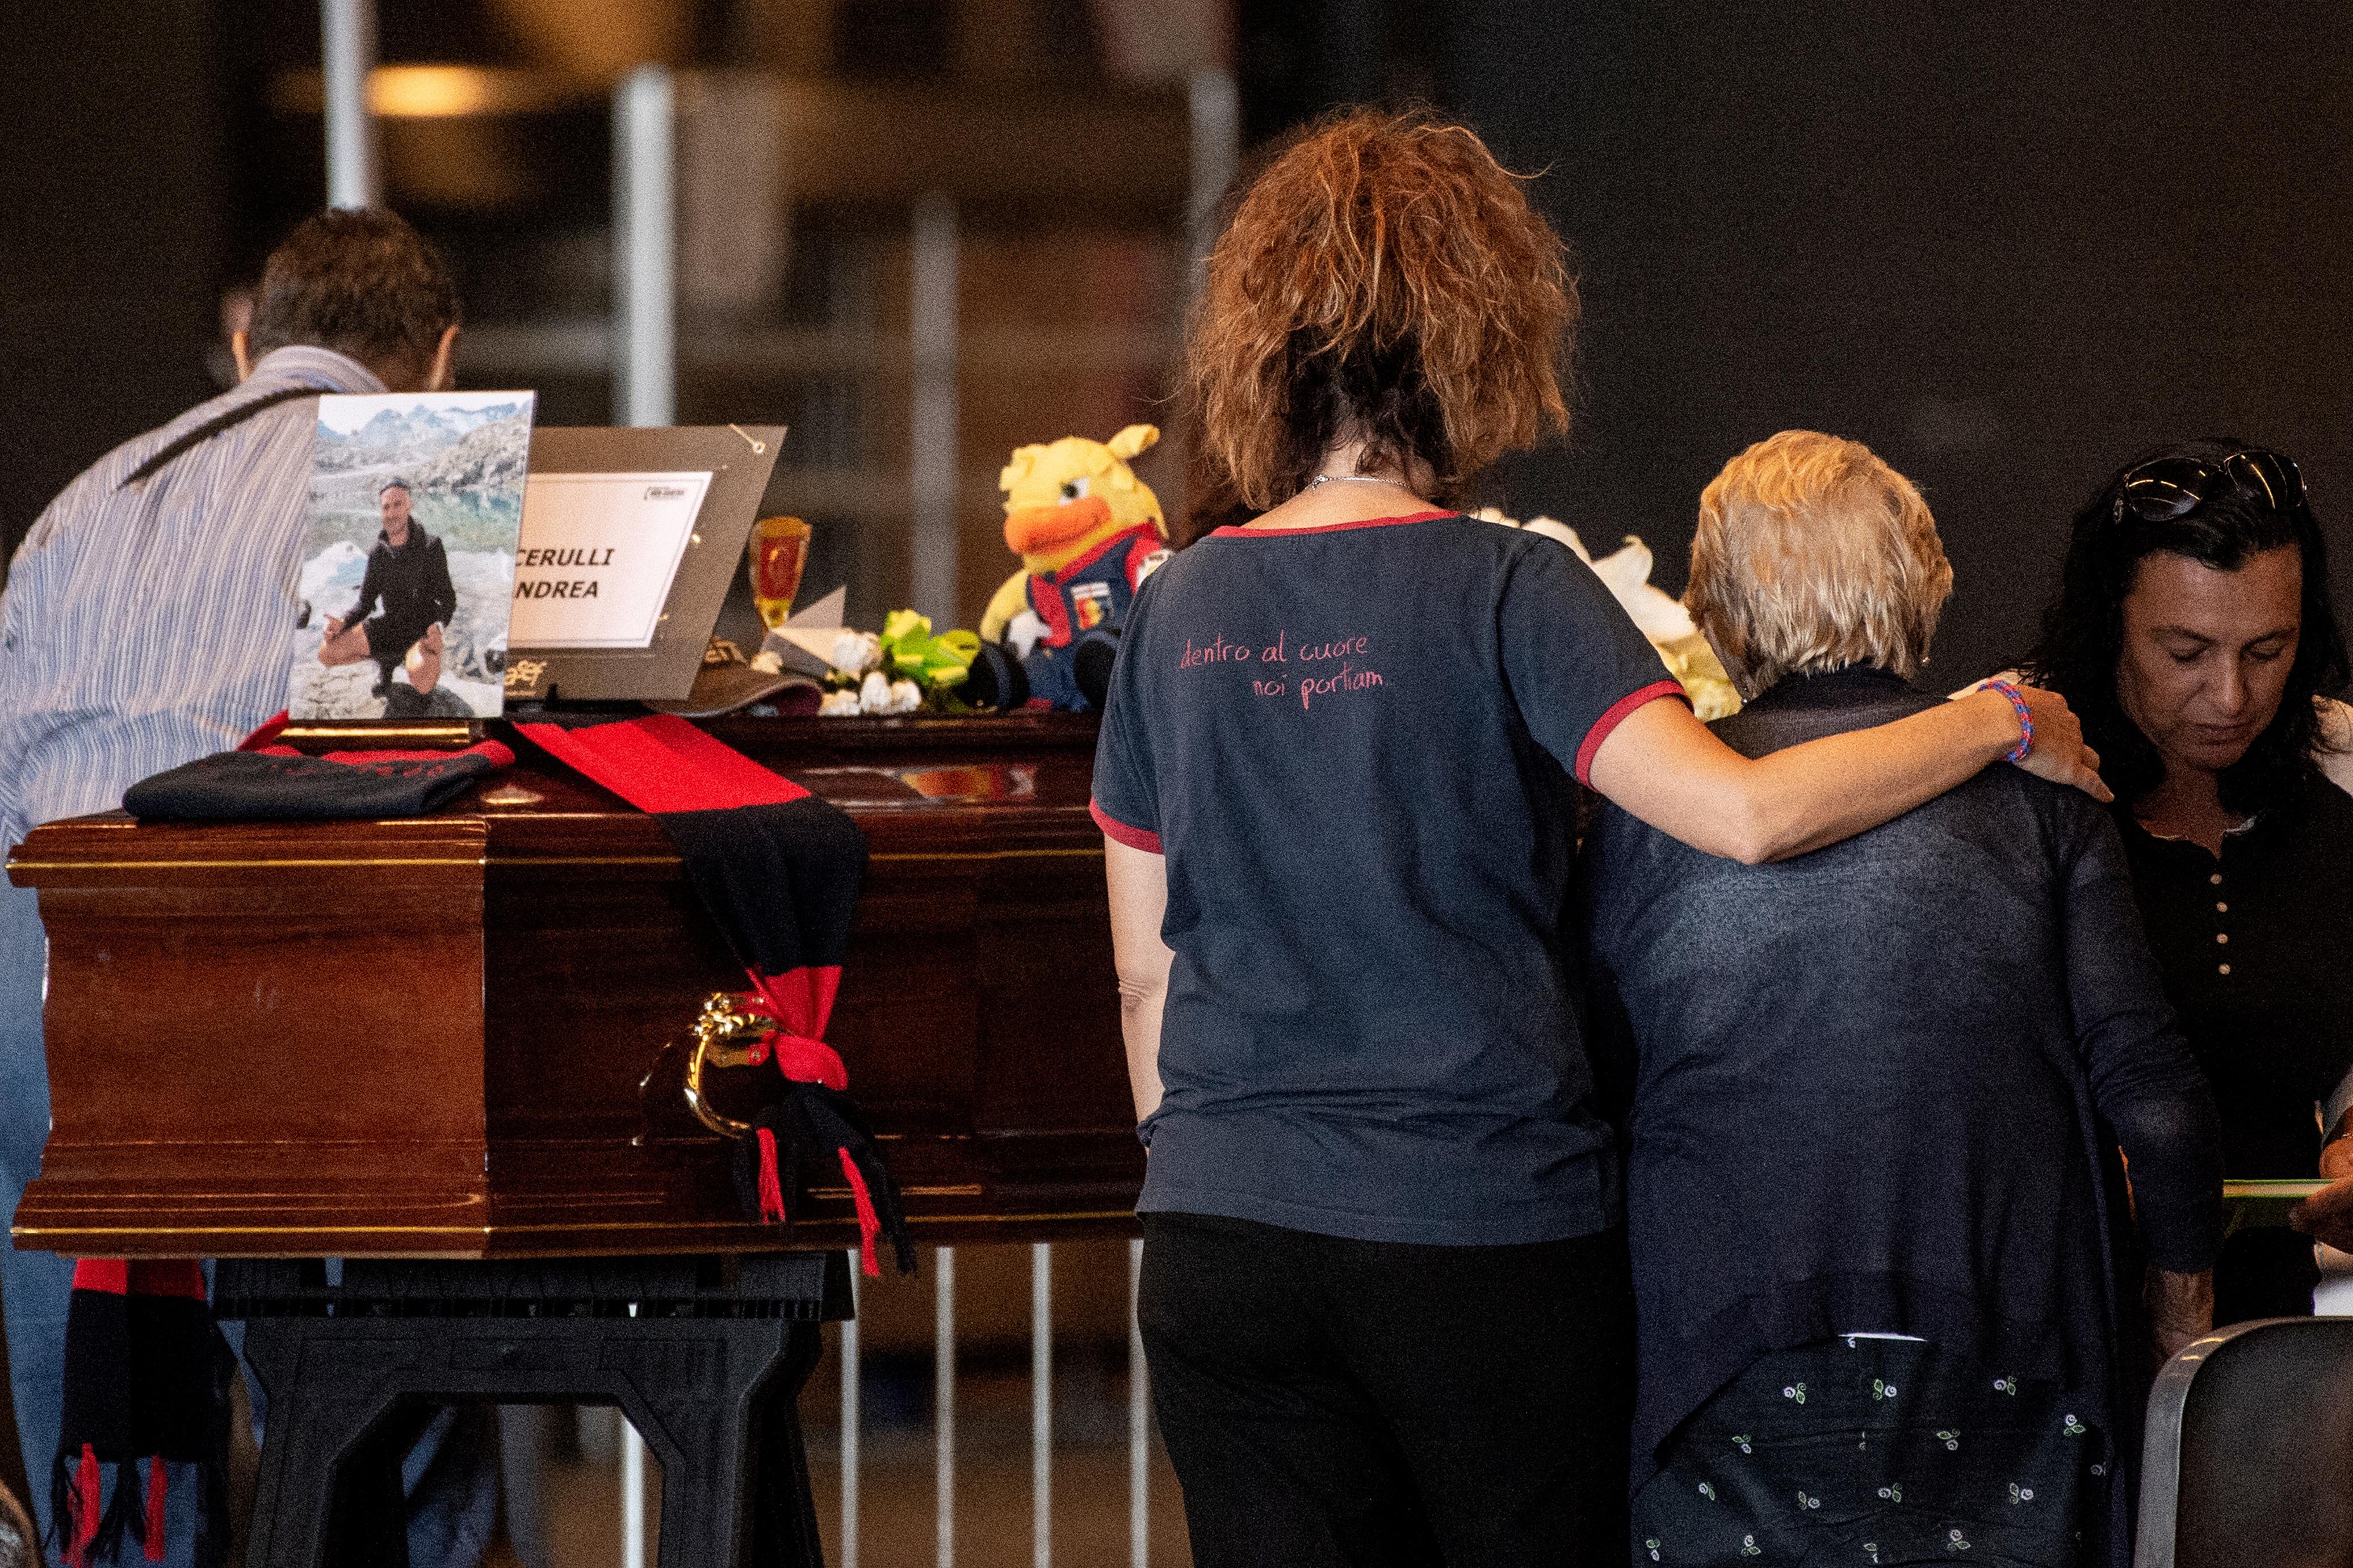 Nem kérnek az állami temetésből a genovai tragédia áldozatainak hozzátartozói